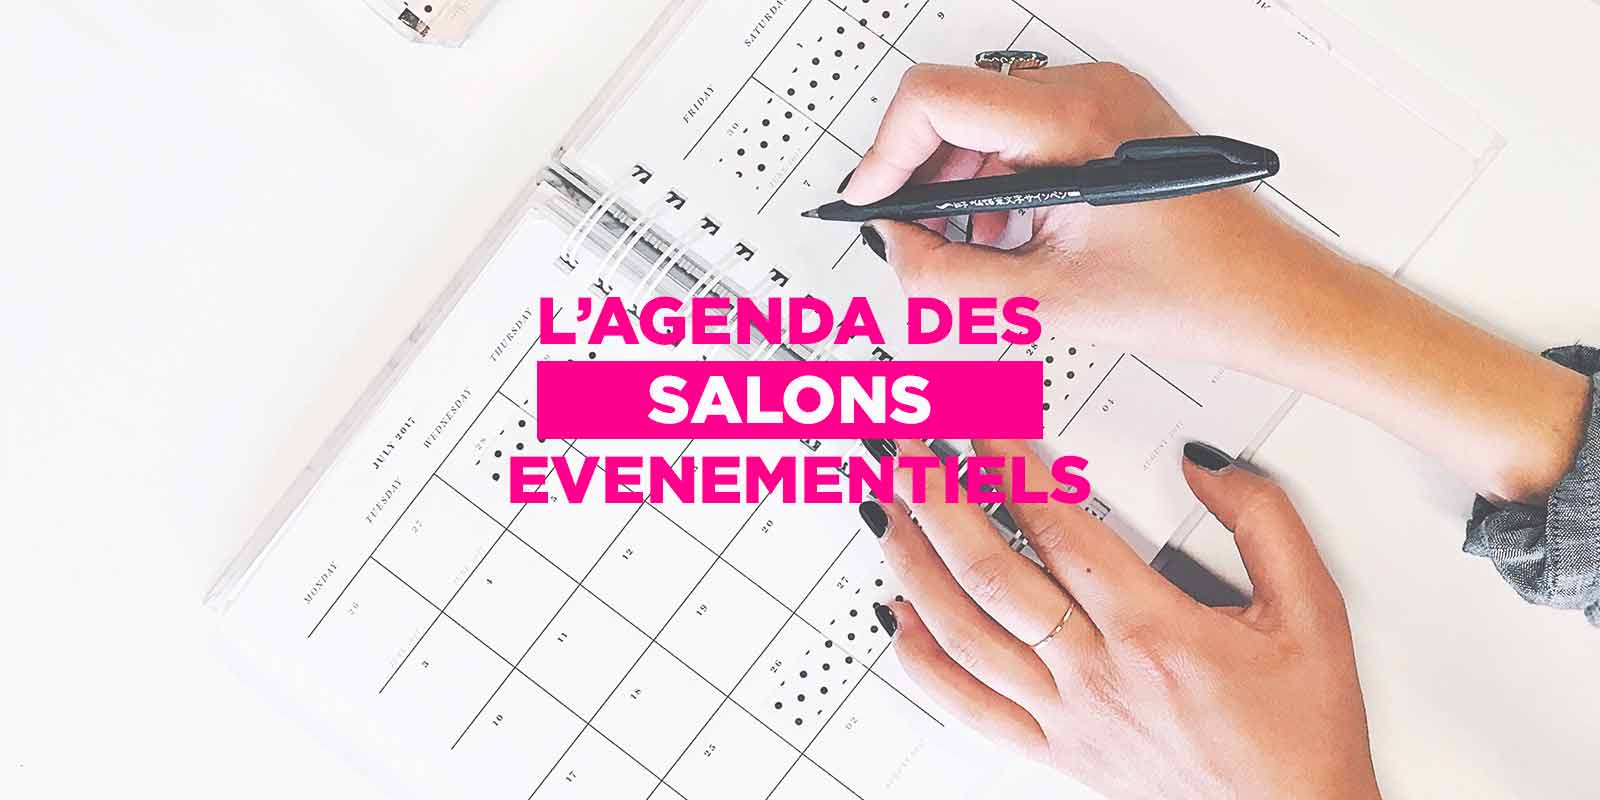 Calendrier Des Salons Bien Etre 2020.L Agenda Des Salons Evenementiels 2019 2020 Comeeti